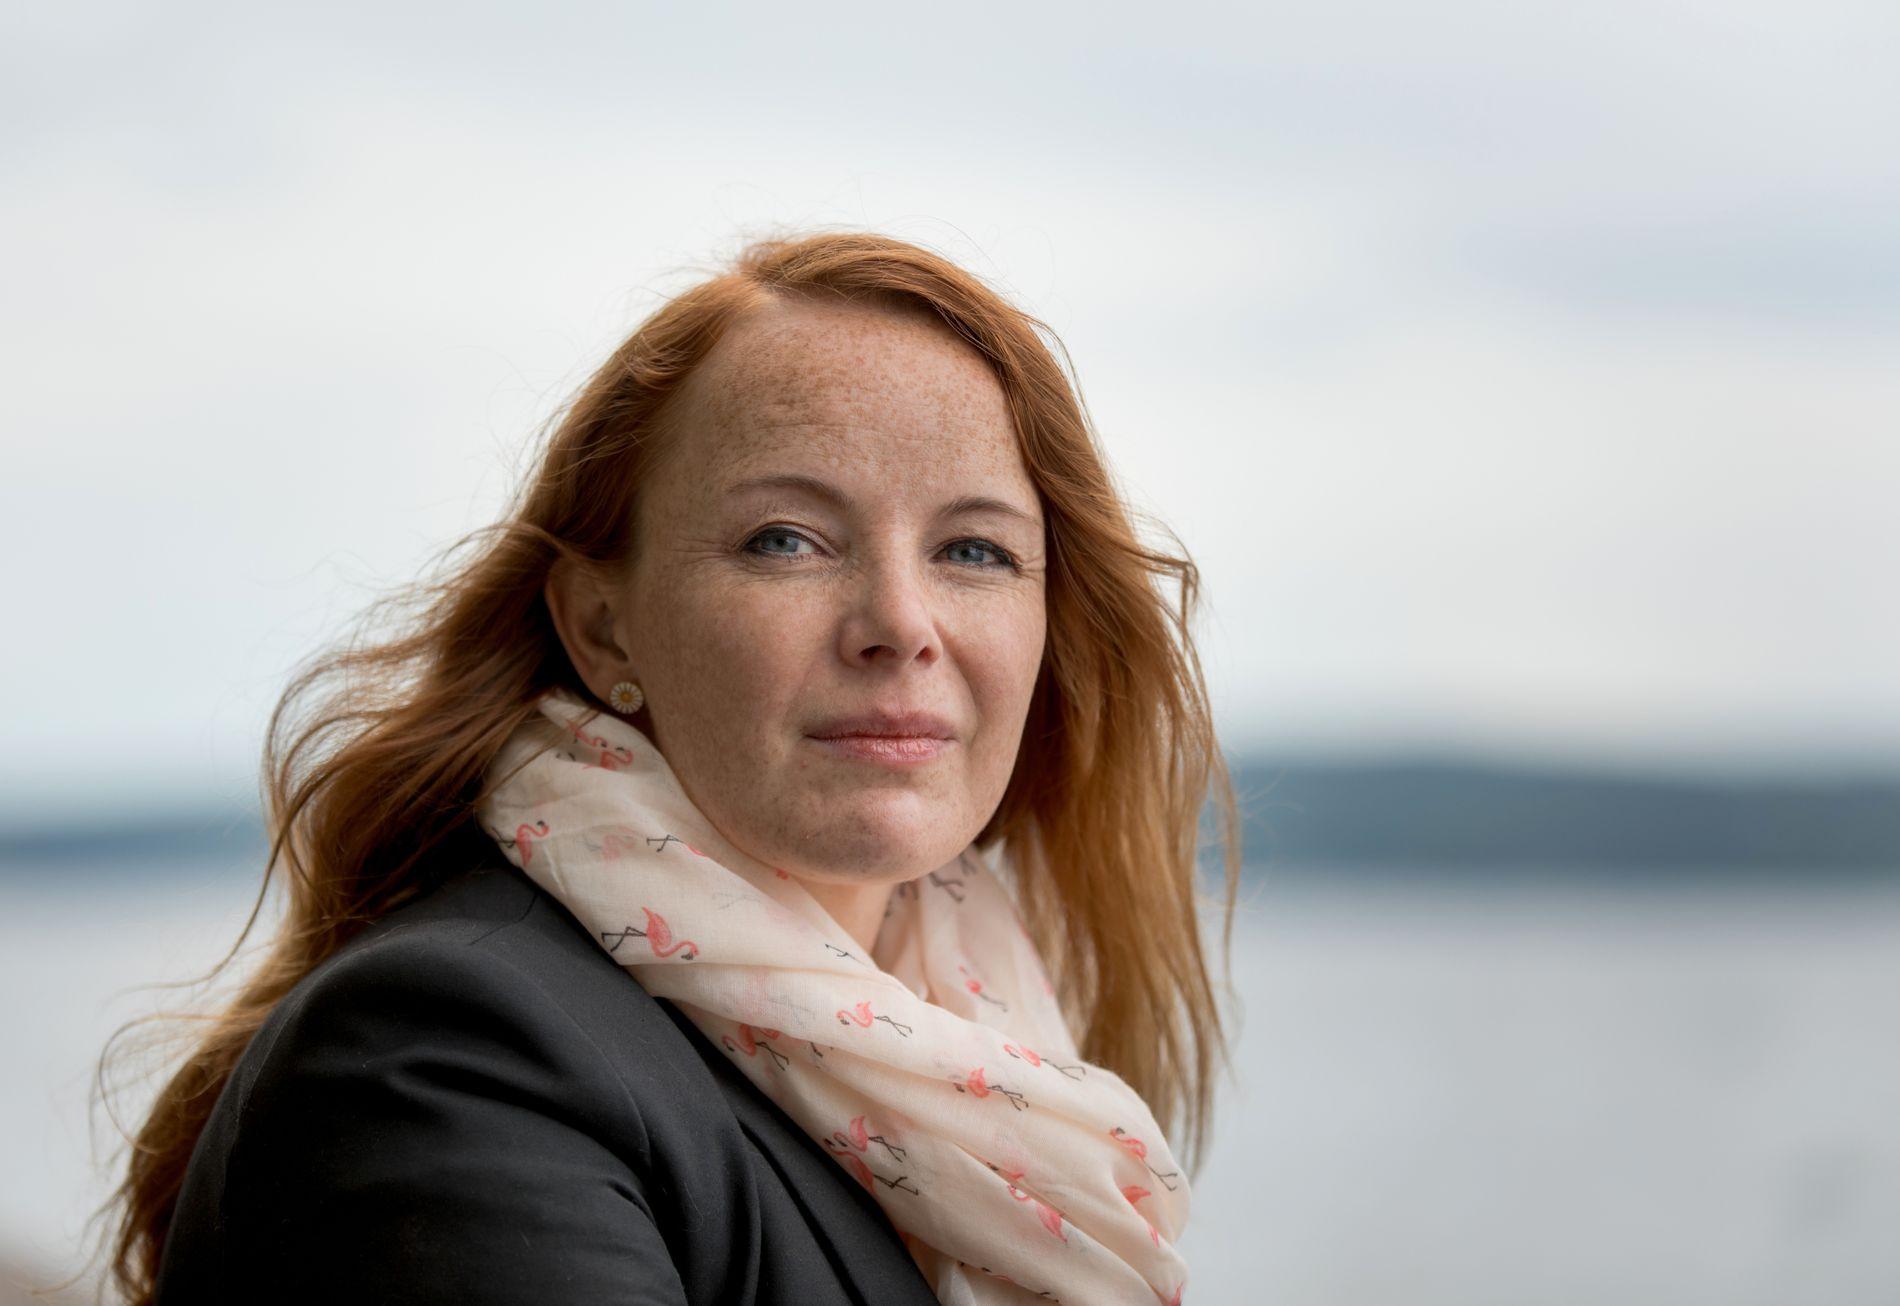 VIL VÆRE EN STEMME: Mange barn i Norge vokser opp med omsorgssvikt i hjemmet. Anne ønsker å være en stemme for dem som selv ikke blir sett og hørt. FOTO: ANNEMOR LARSEN